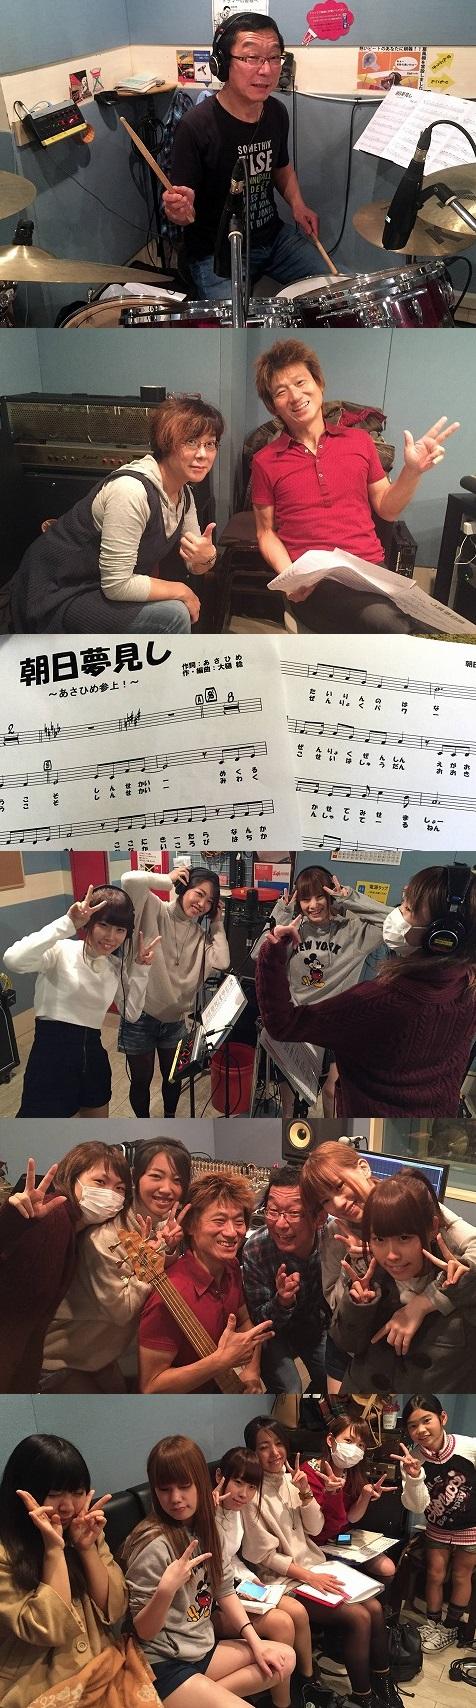 20151119あさひめレコーディング